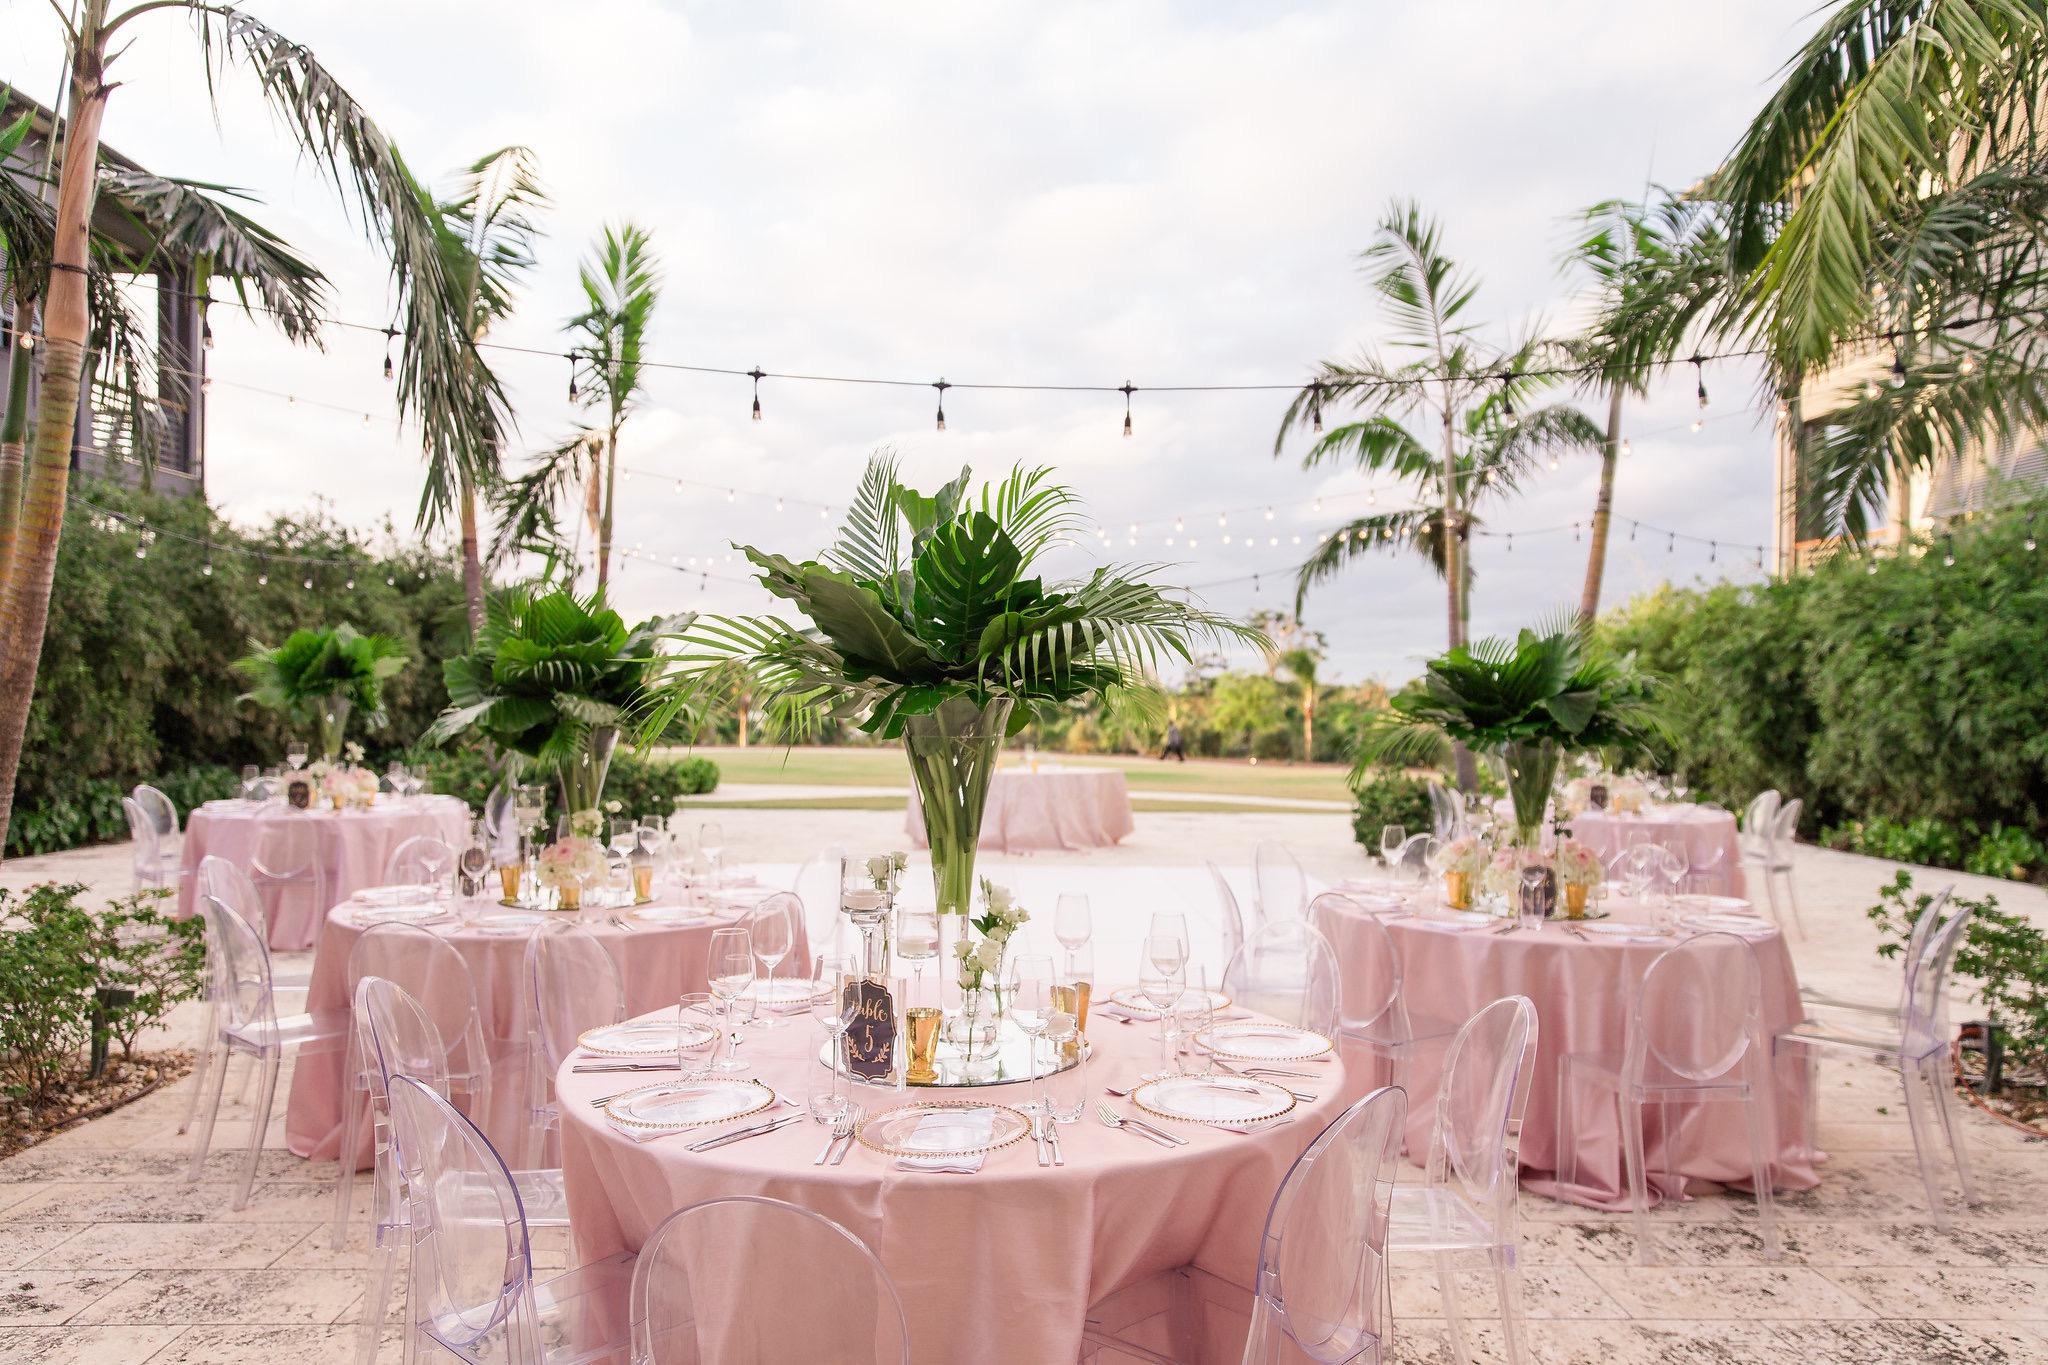 EboniRobyn-Wedding-MeganChris-IslandHouse-61.jpg